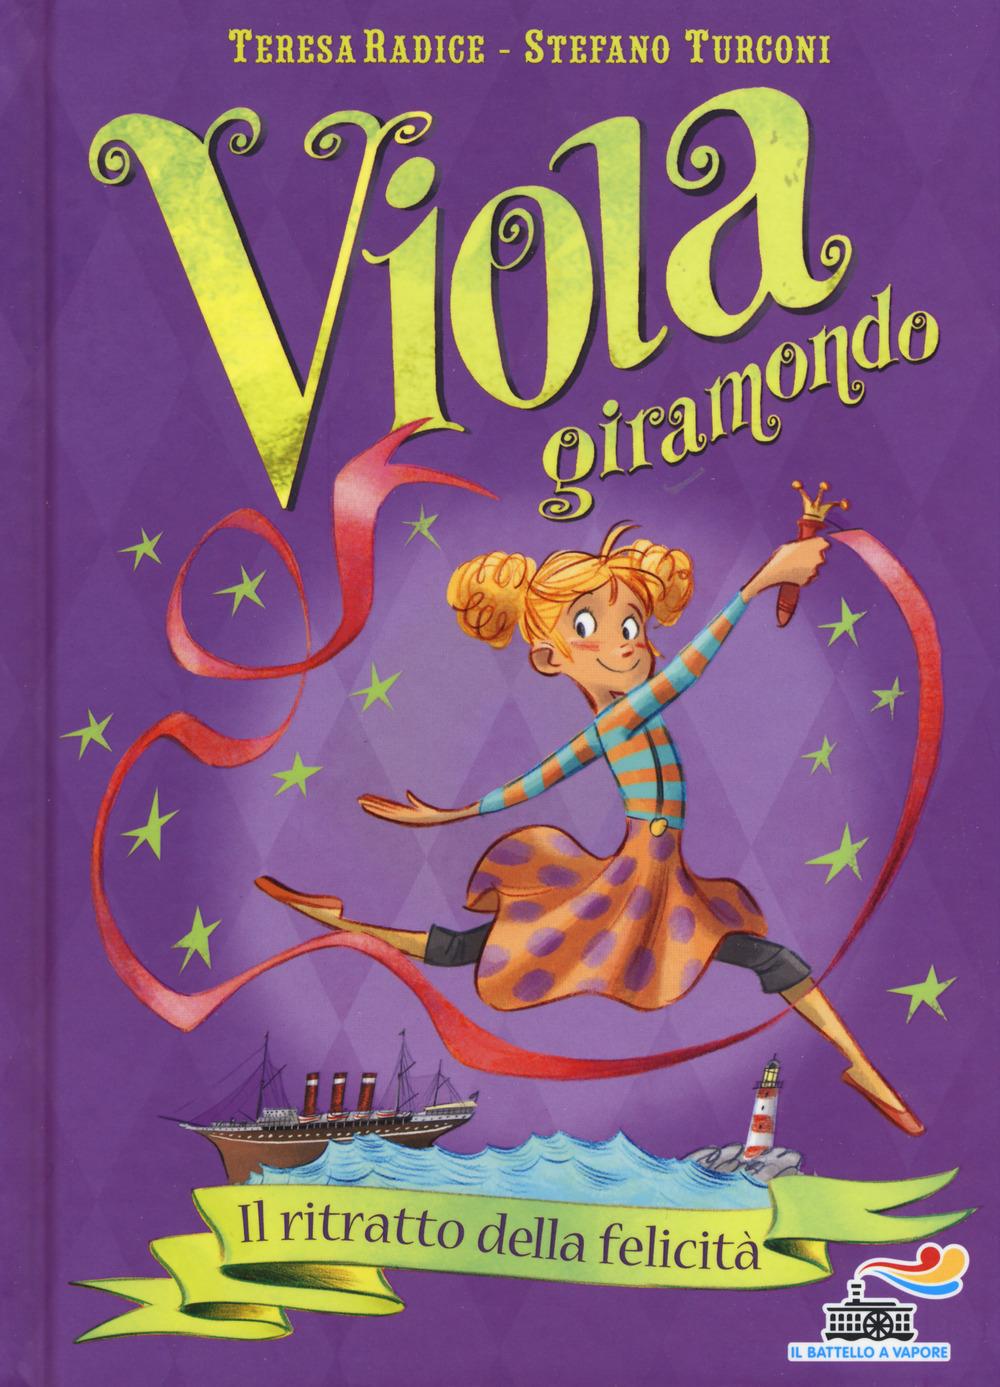 Il ritratto della felicità (Viola Giramondo #3)